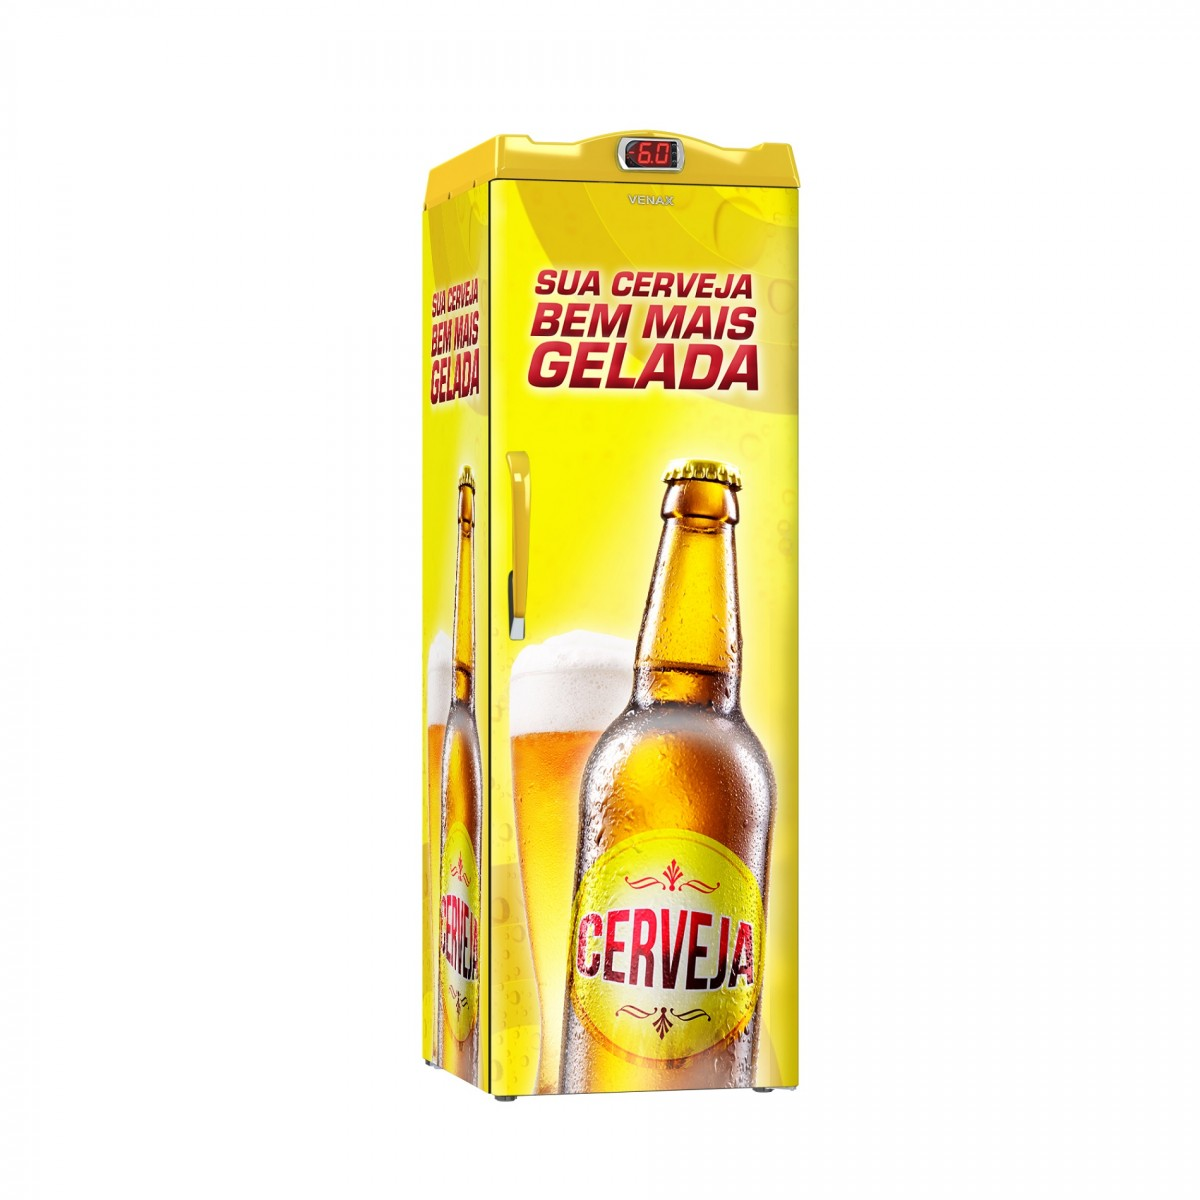 Cervejeira 1 Porta EXPM200 209 litros Adesivado Sua Cerveja 220v - Venax